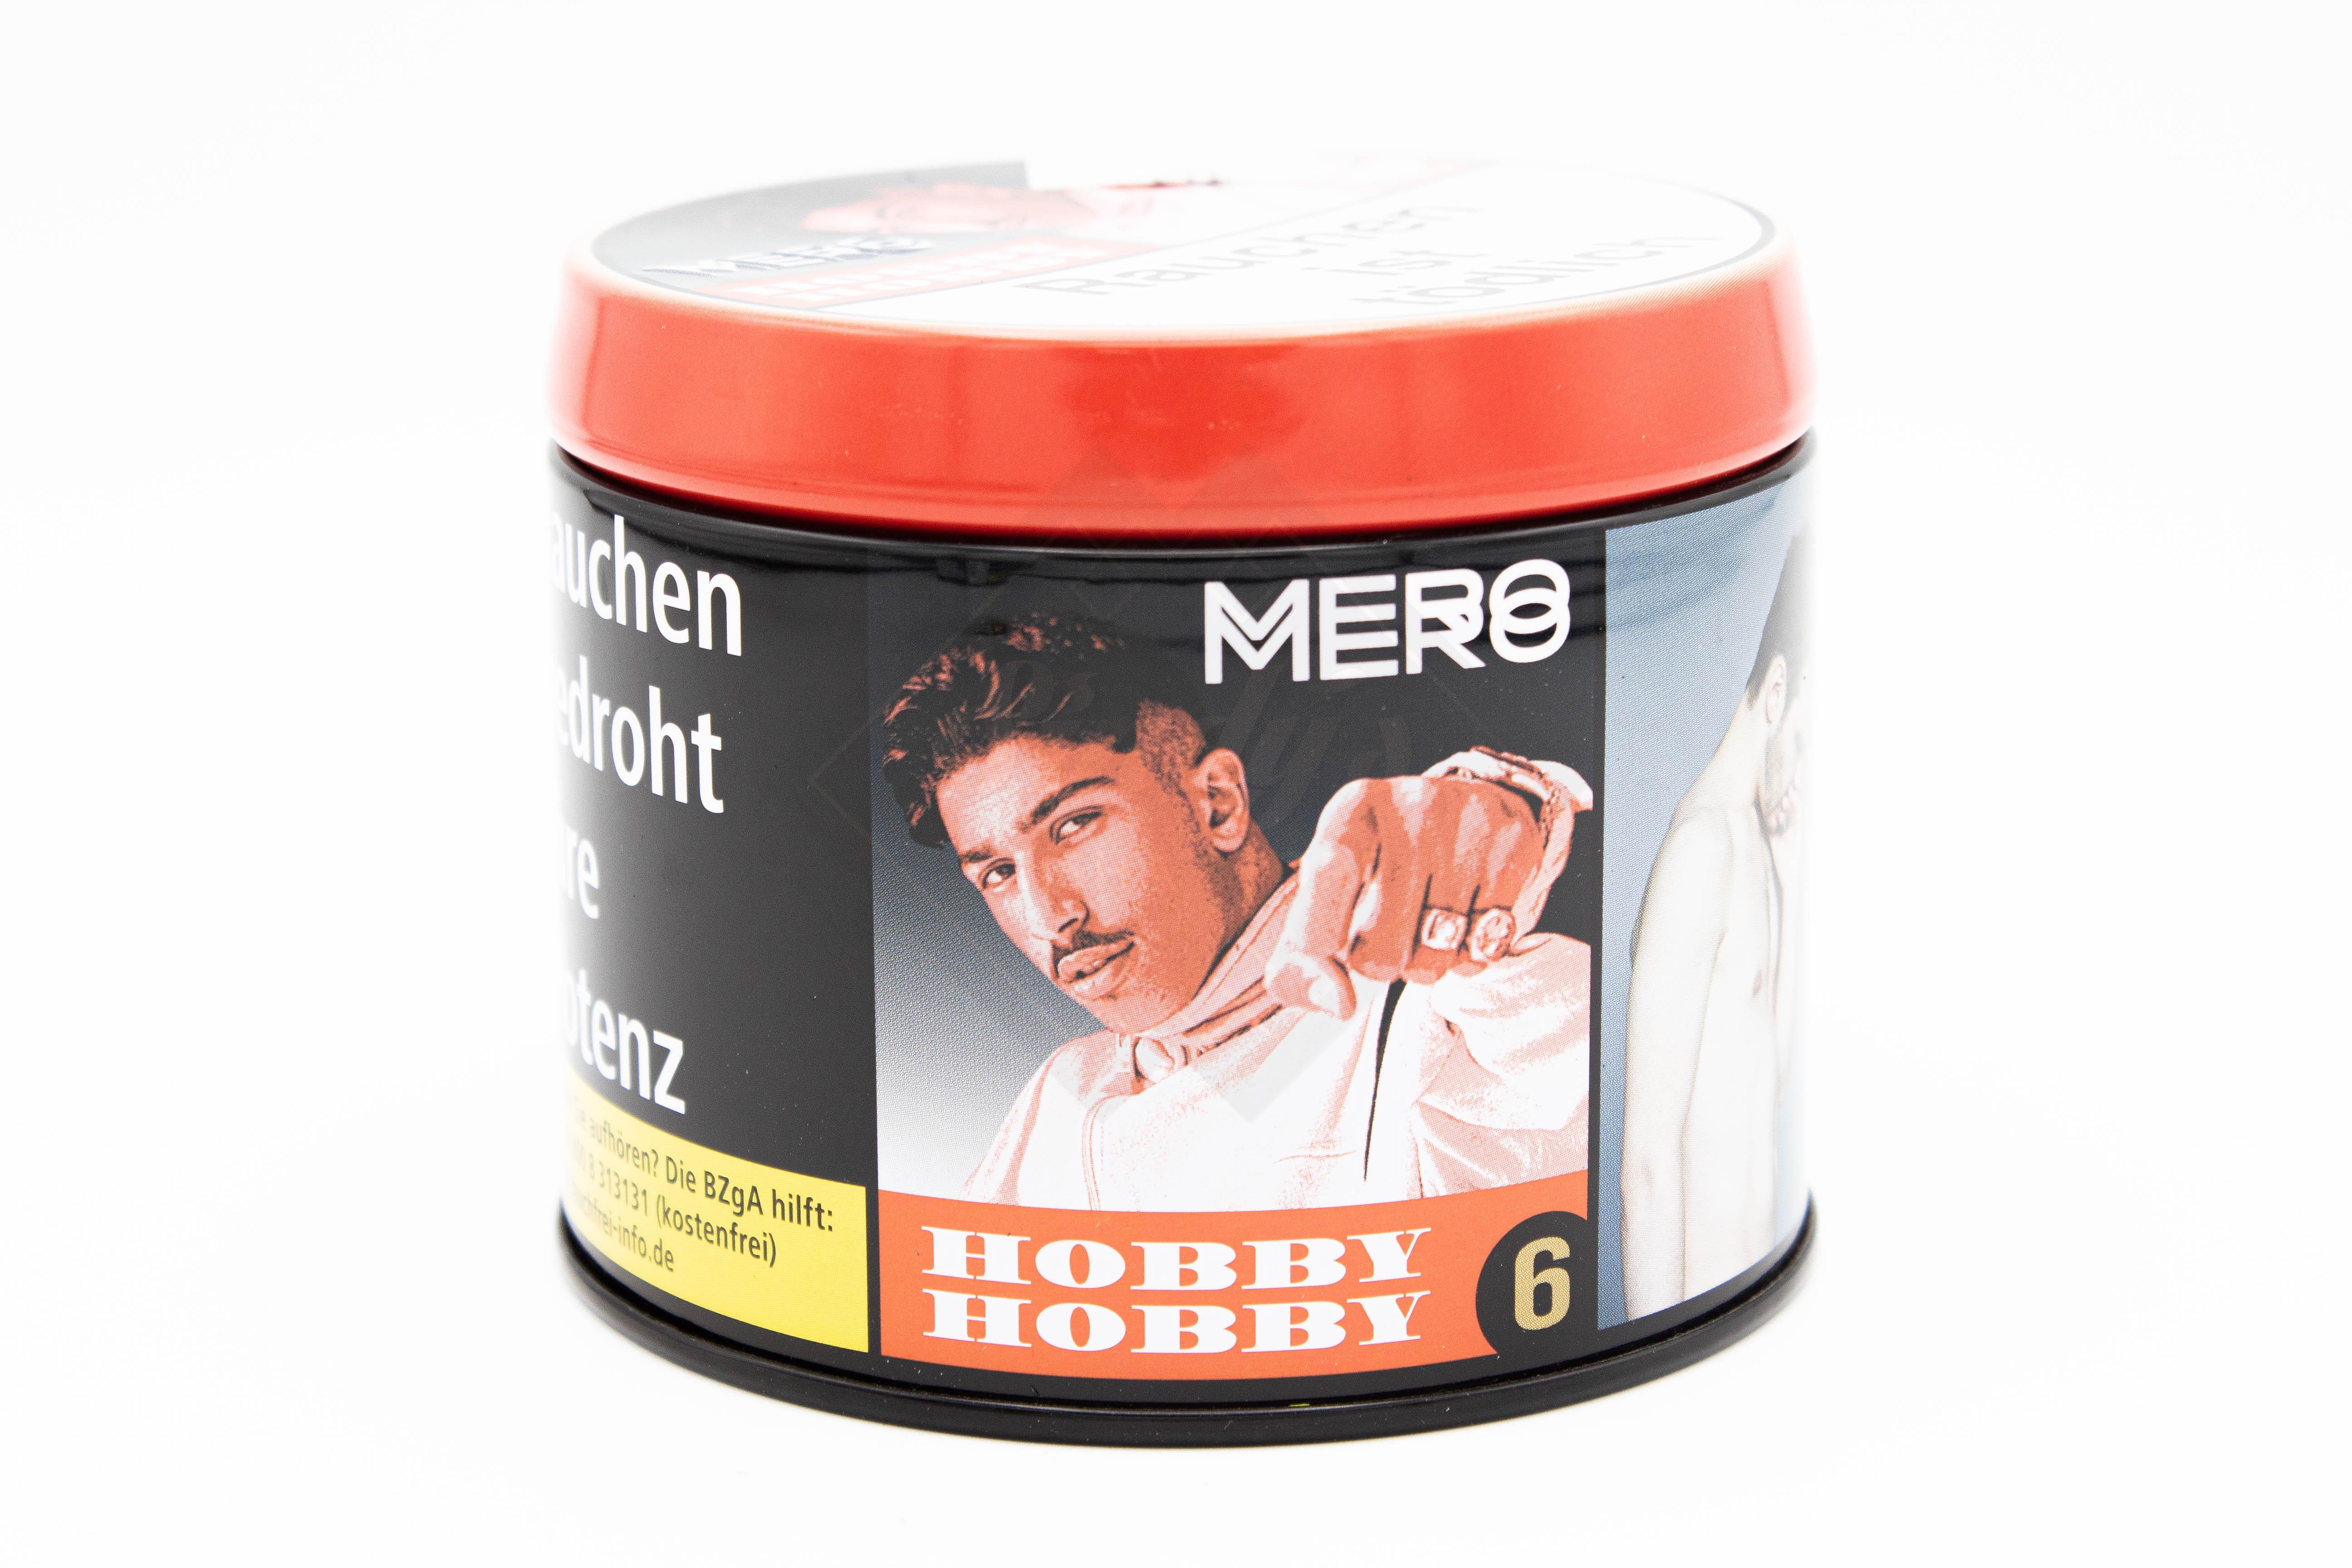 Mero Tobacco - No.6 Hobby Hobby 200g